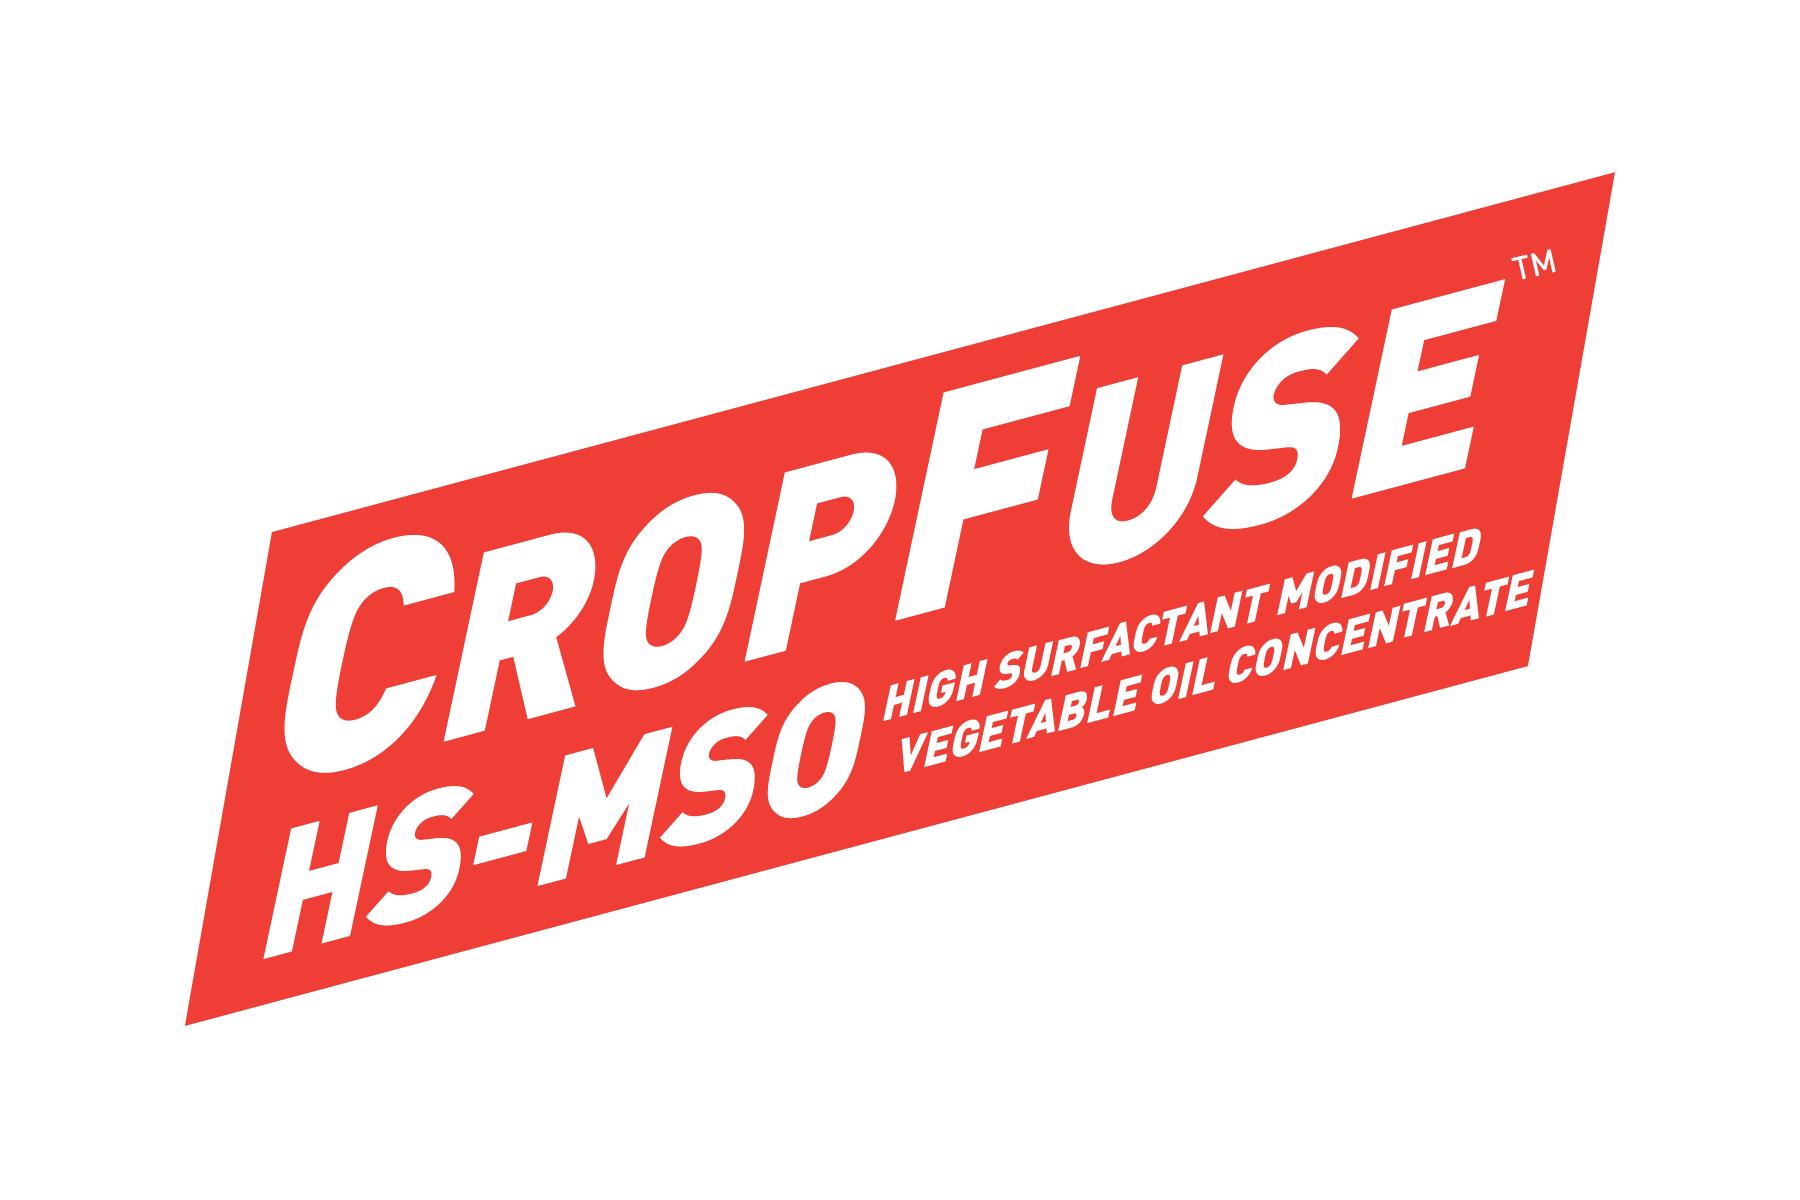 CROPFUSE™ HS-MSO